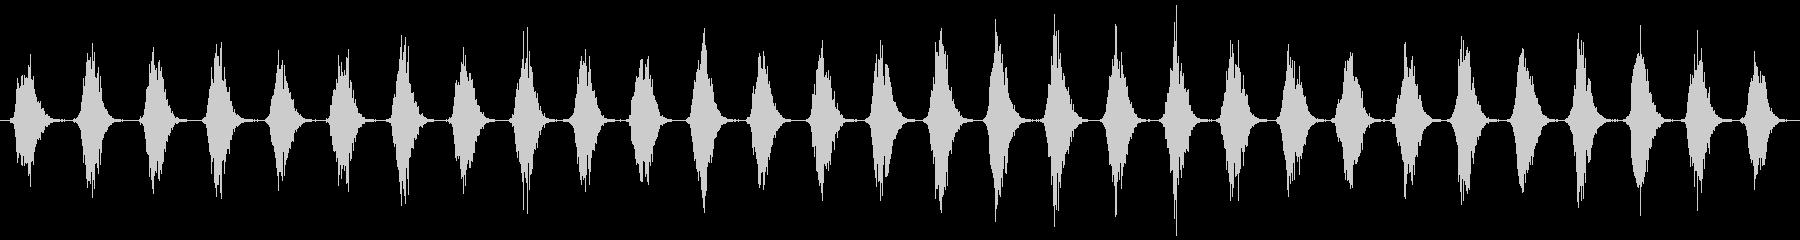 群集 チャンツキル01の未再生の波形